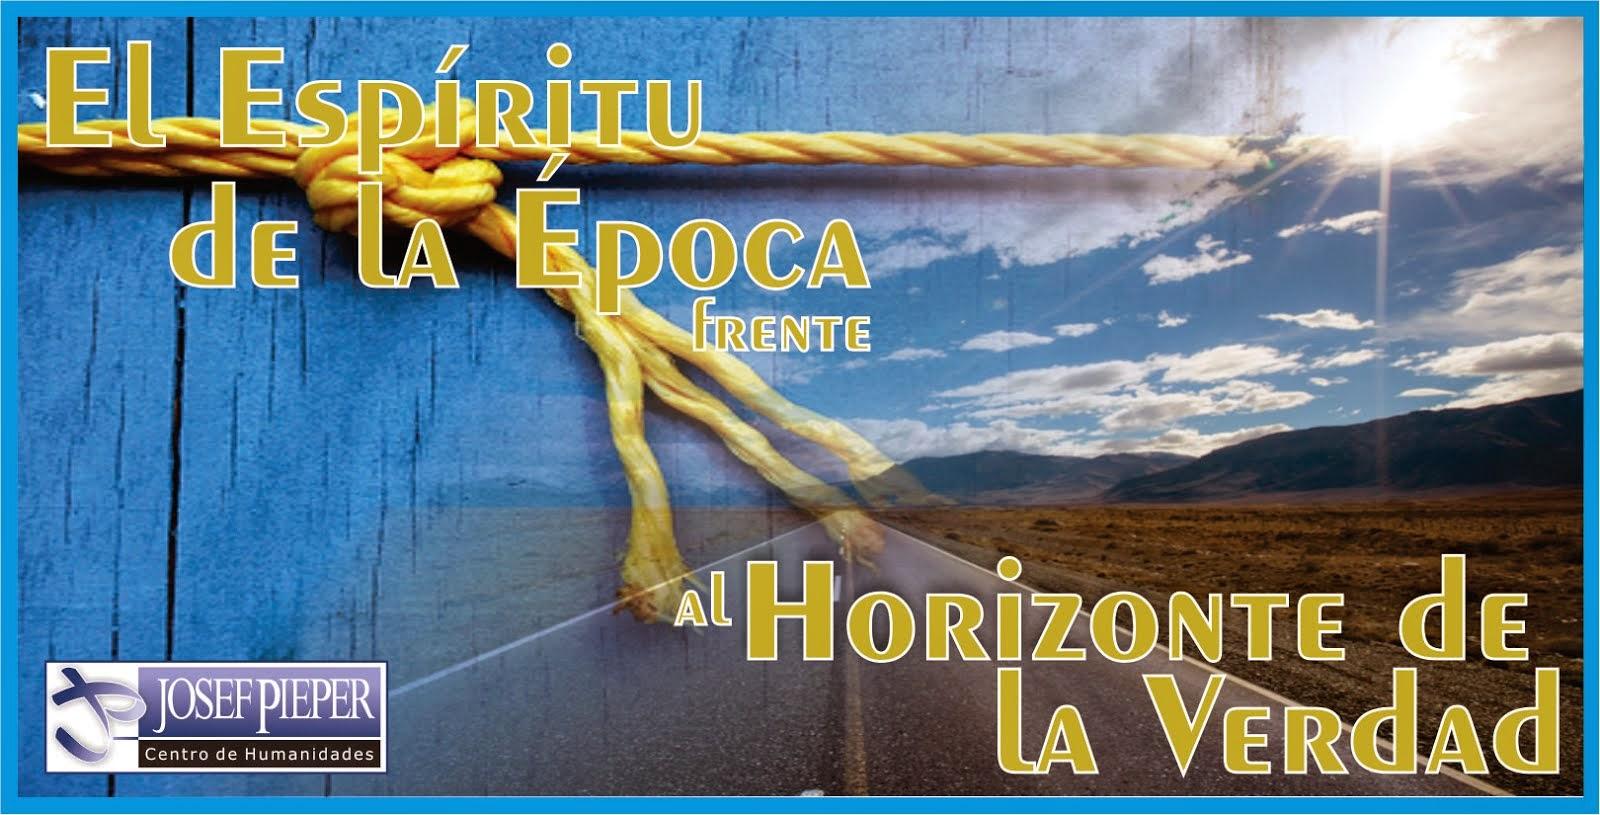 Curso 2014 - El Espíritu de la Época frente al Horizonte de la Verdad